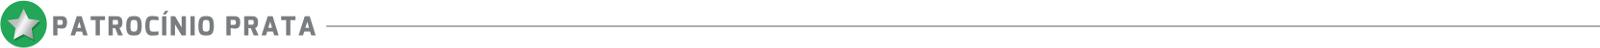 barra-patro-prata-epr-norte-02